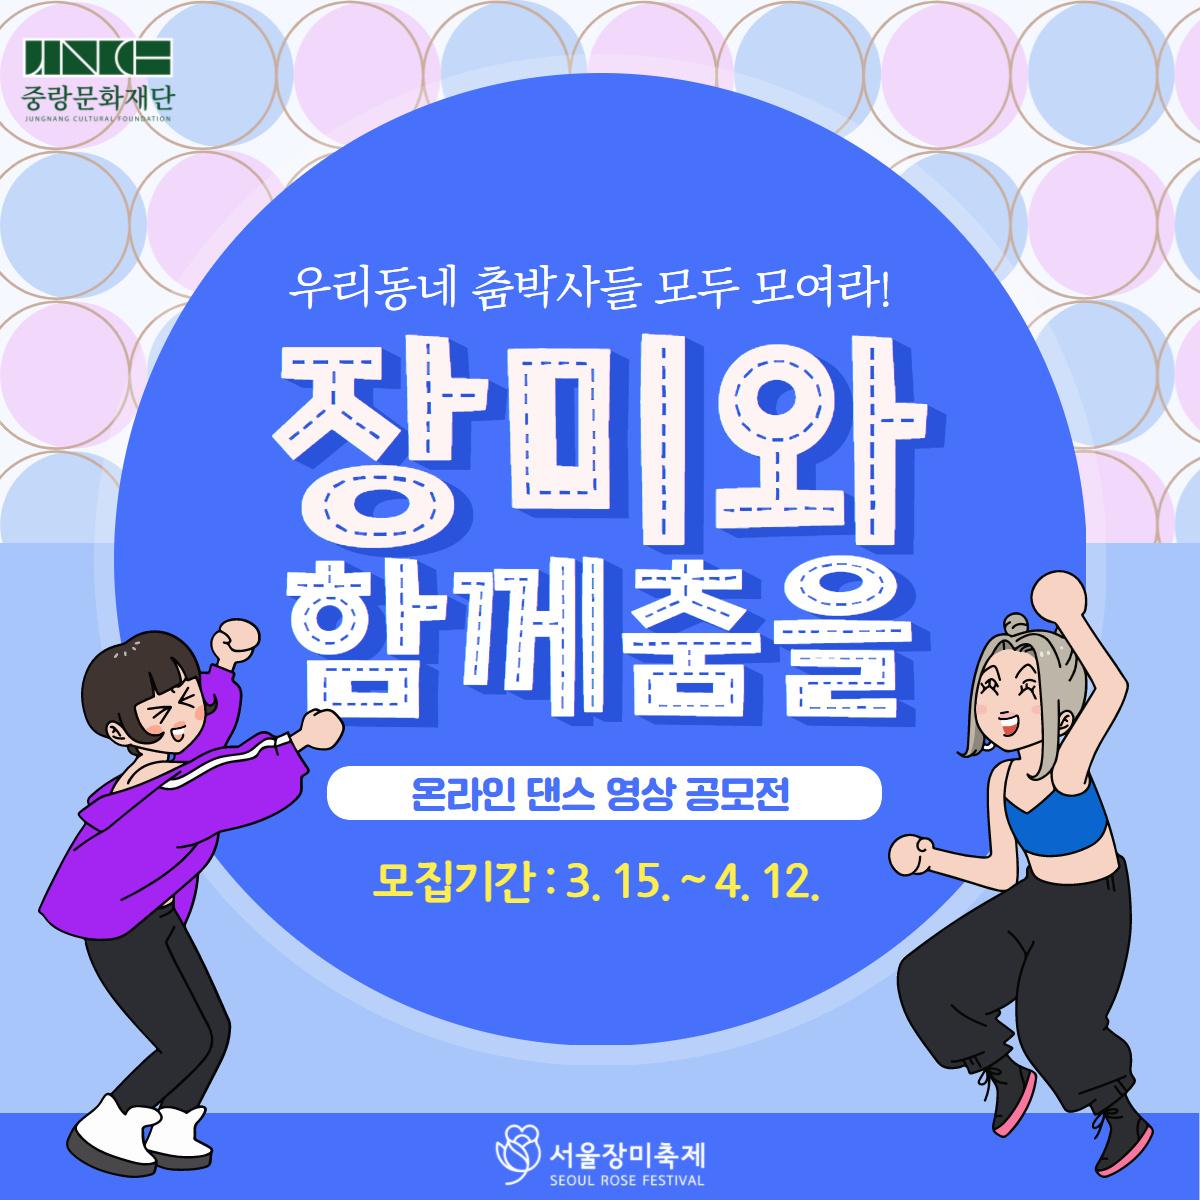 서울장미축제 온라인 댄스 영상 공모전